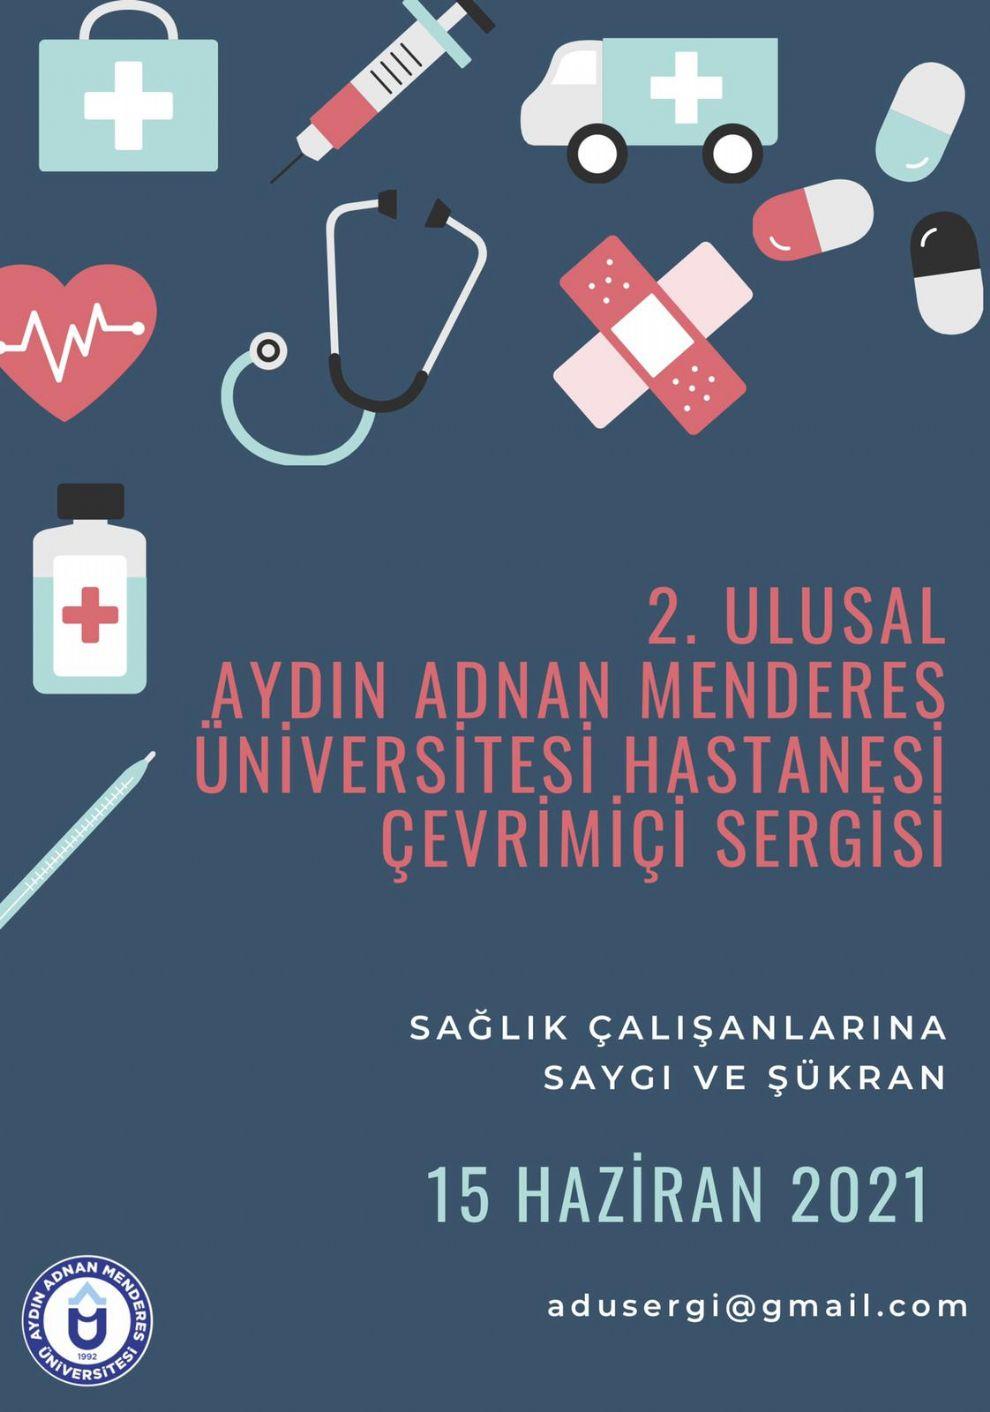 2 Ulusal Aydın  Adnan Menderes Üniversitesi Hastanesi Çevrimiçi Sergisi